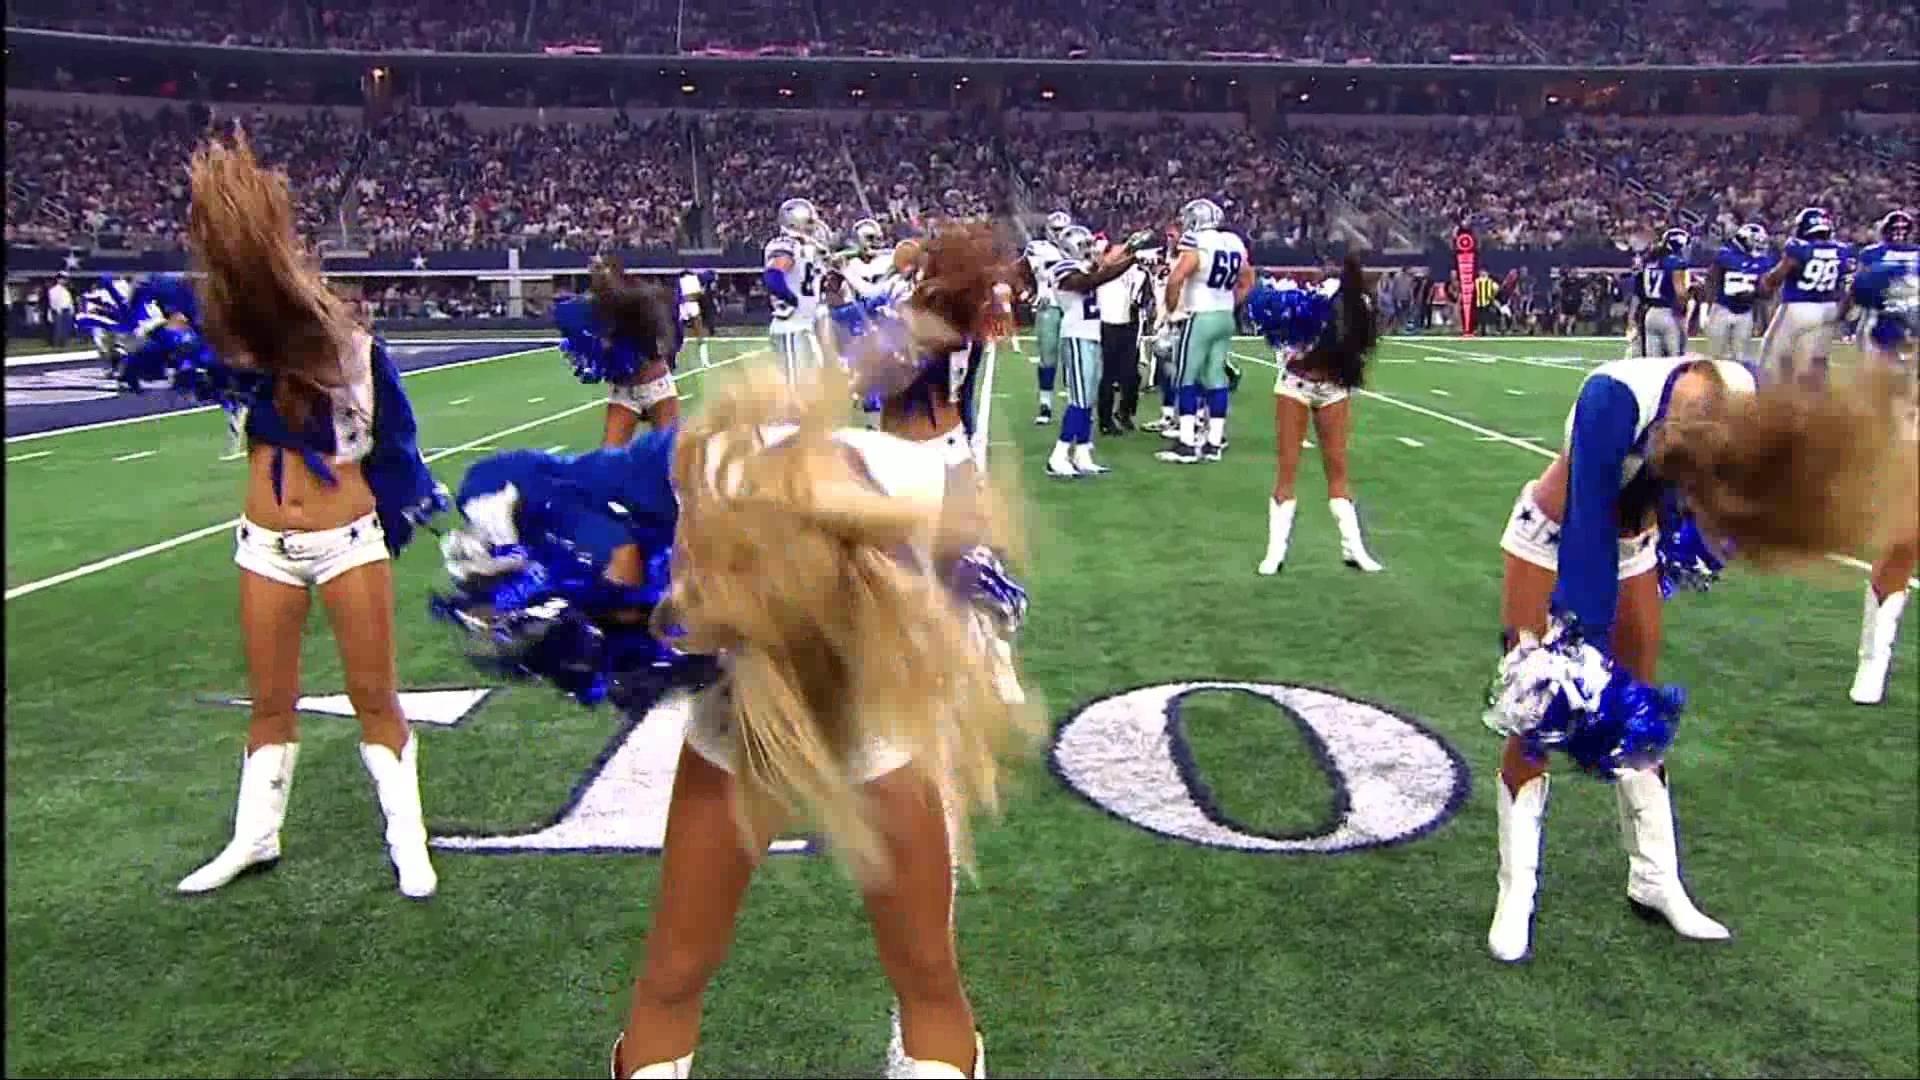 Dallas Cowboys Cheerleaders Holly i2